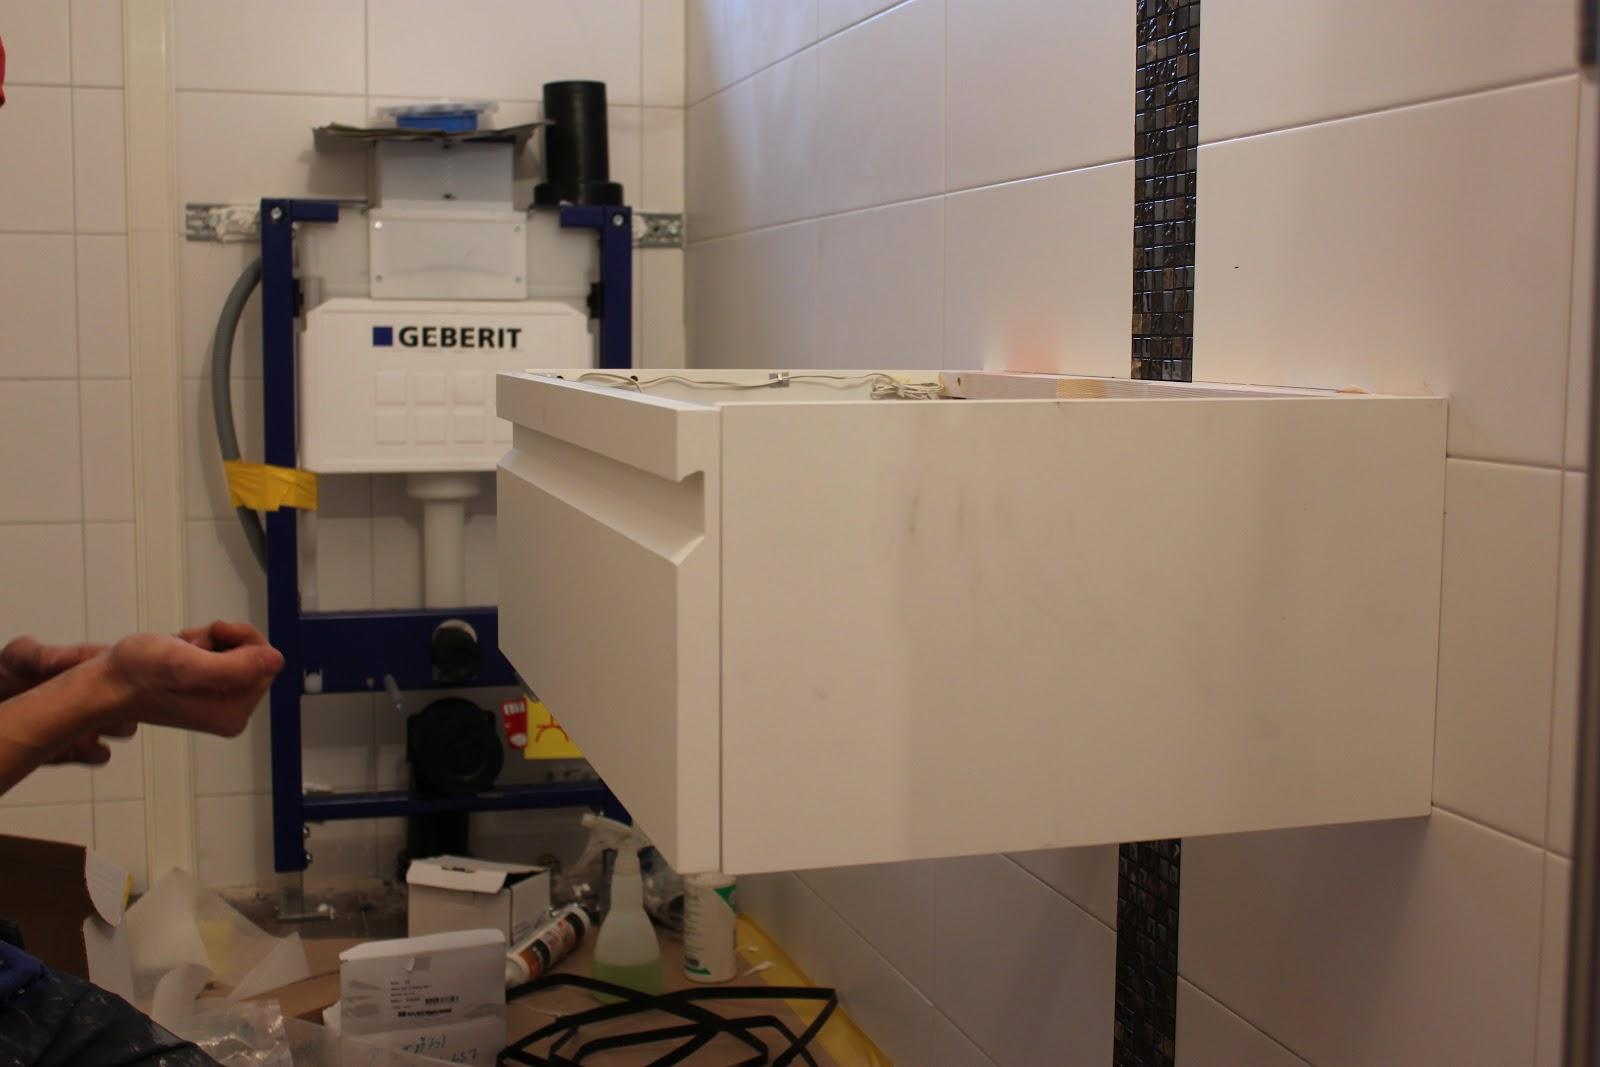 ett badrum blir till: Dag 14 - montering skåp och duschvägg